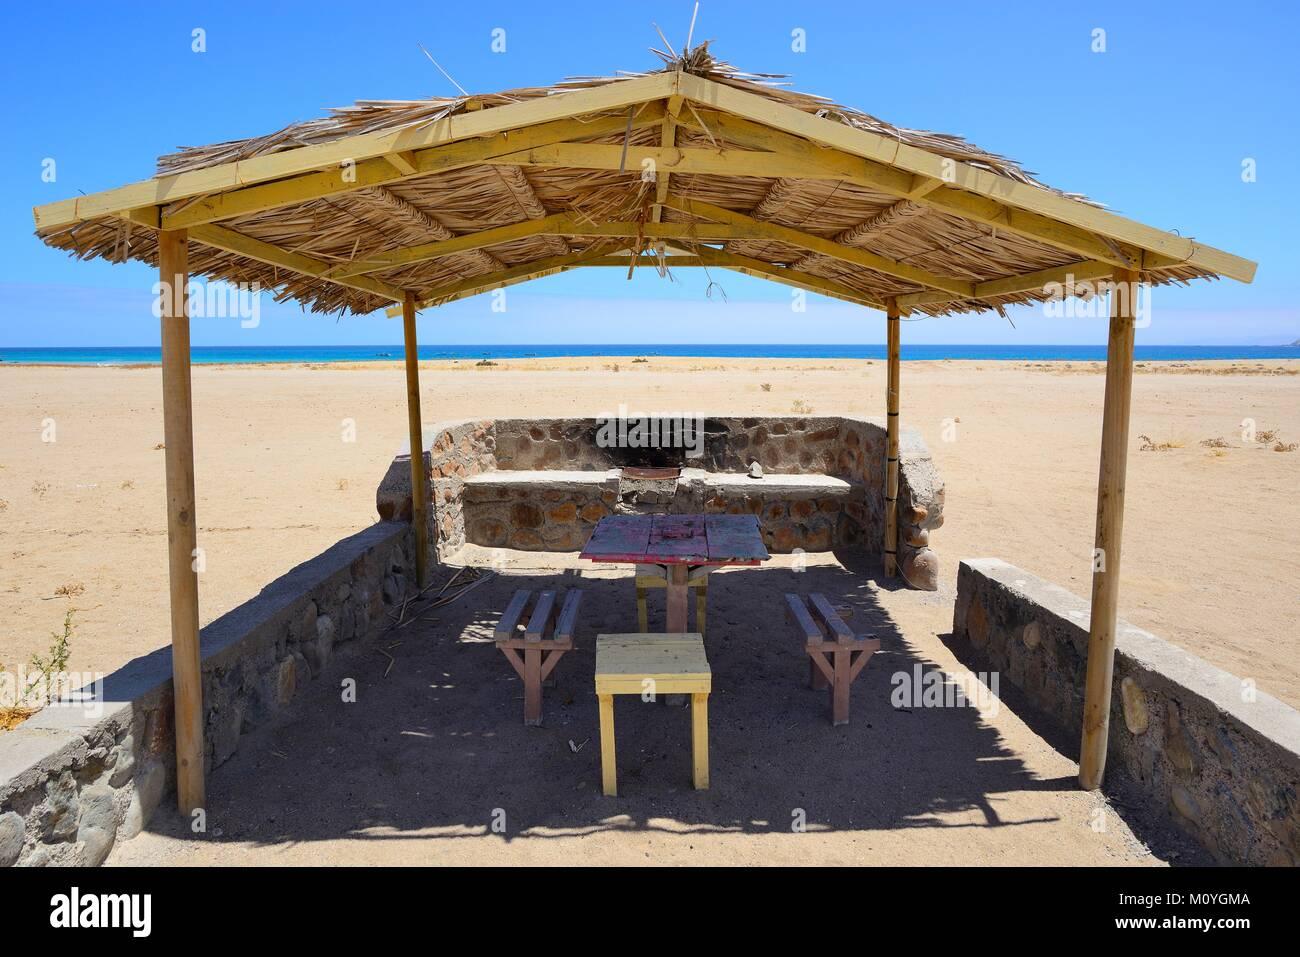 Roofed picnic area on the beach,Pan de Azúcar National Park,near Chañaral,Región de Atacama,Chile - Stock Image